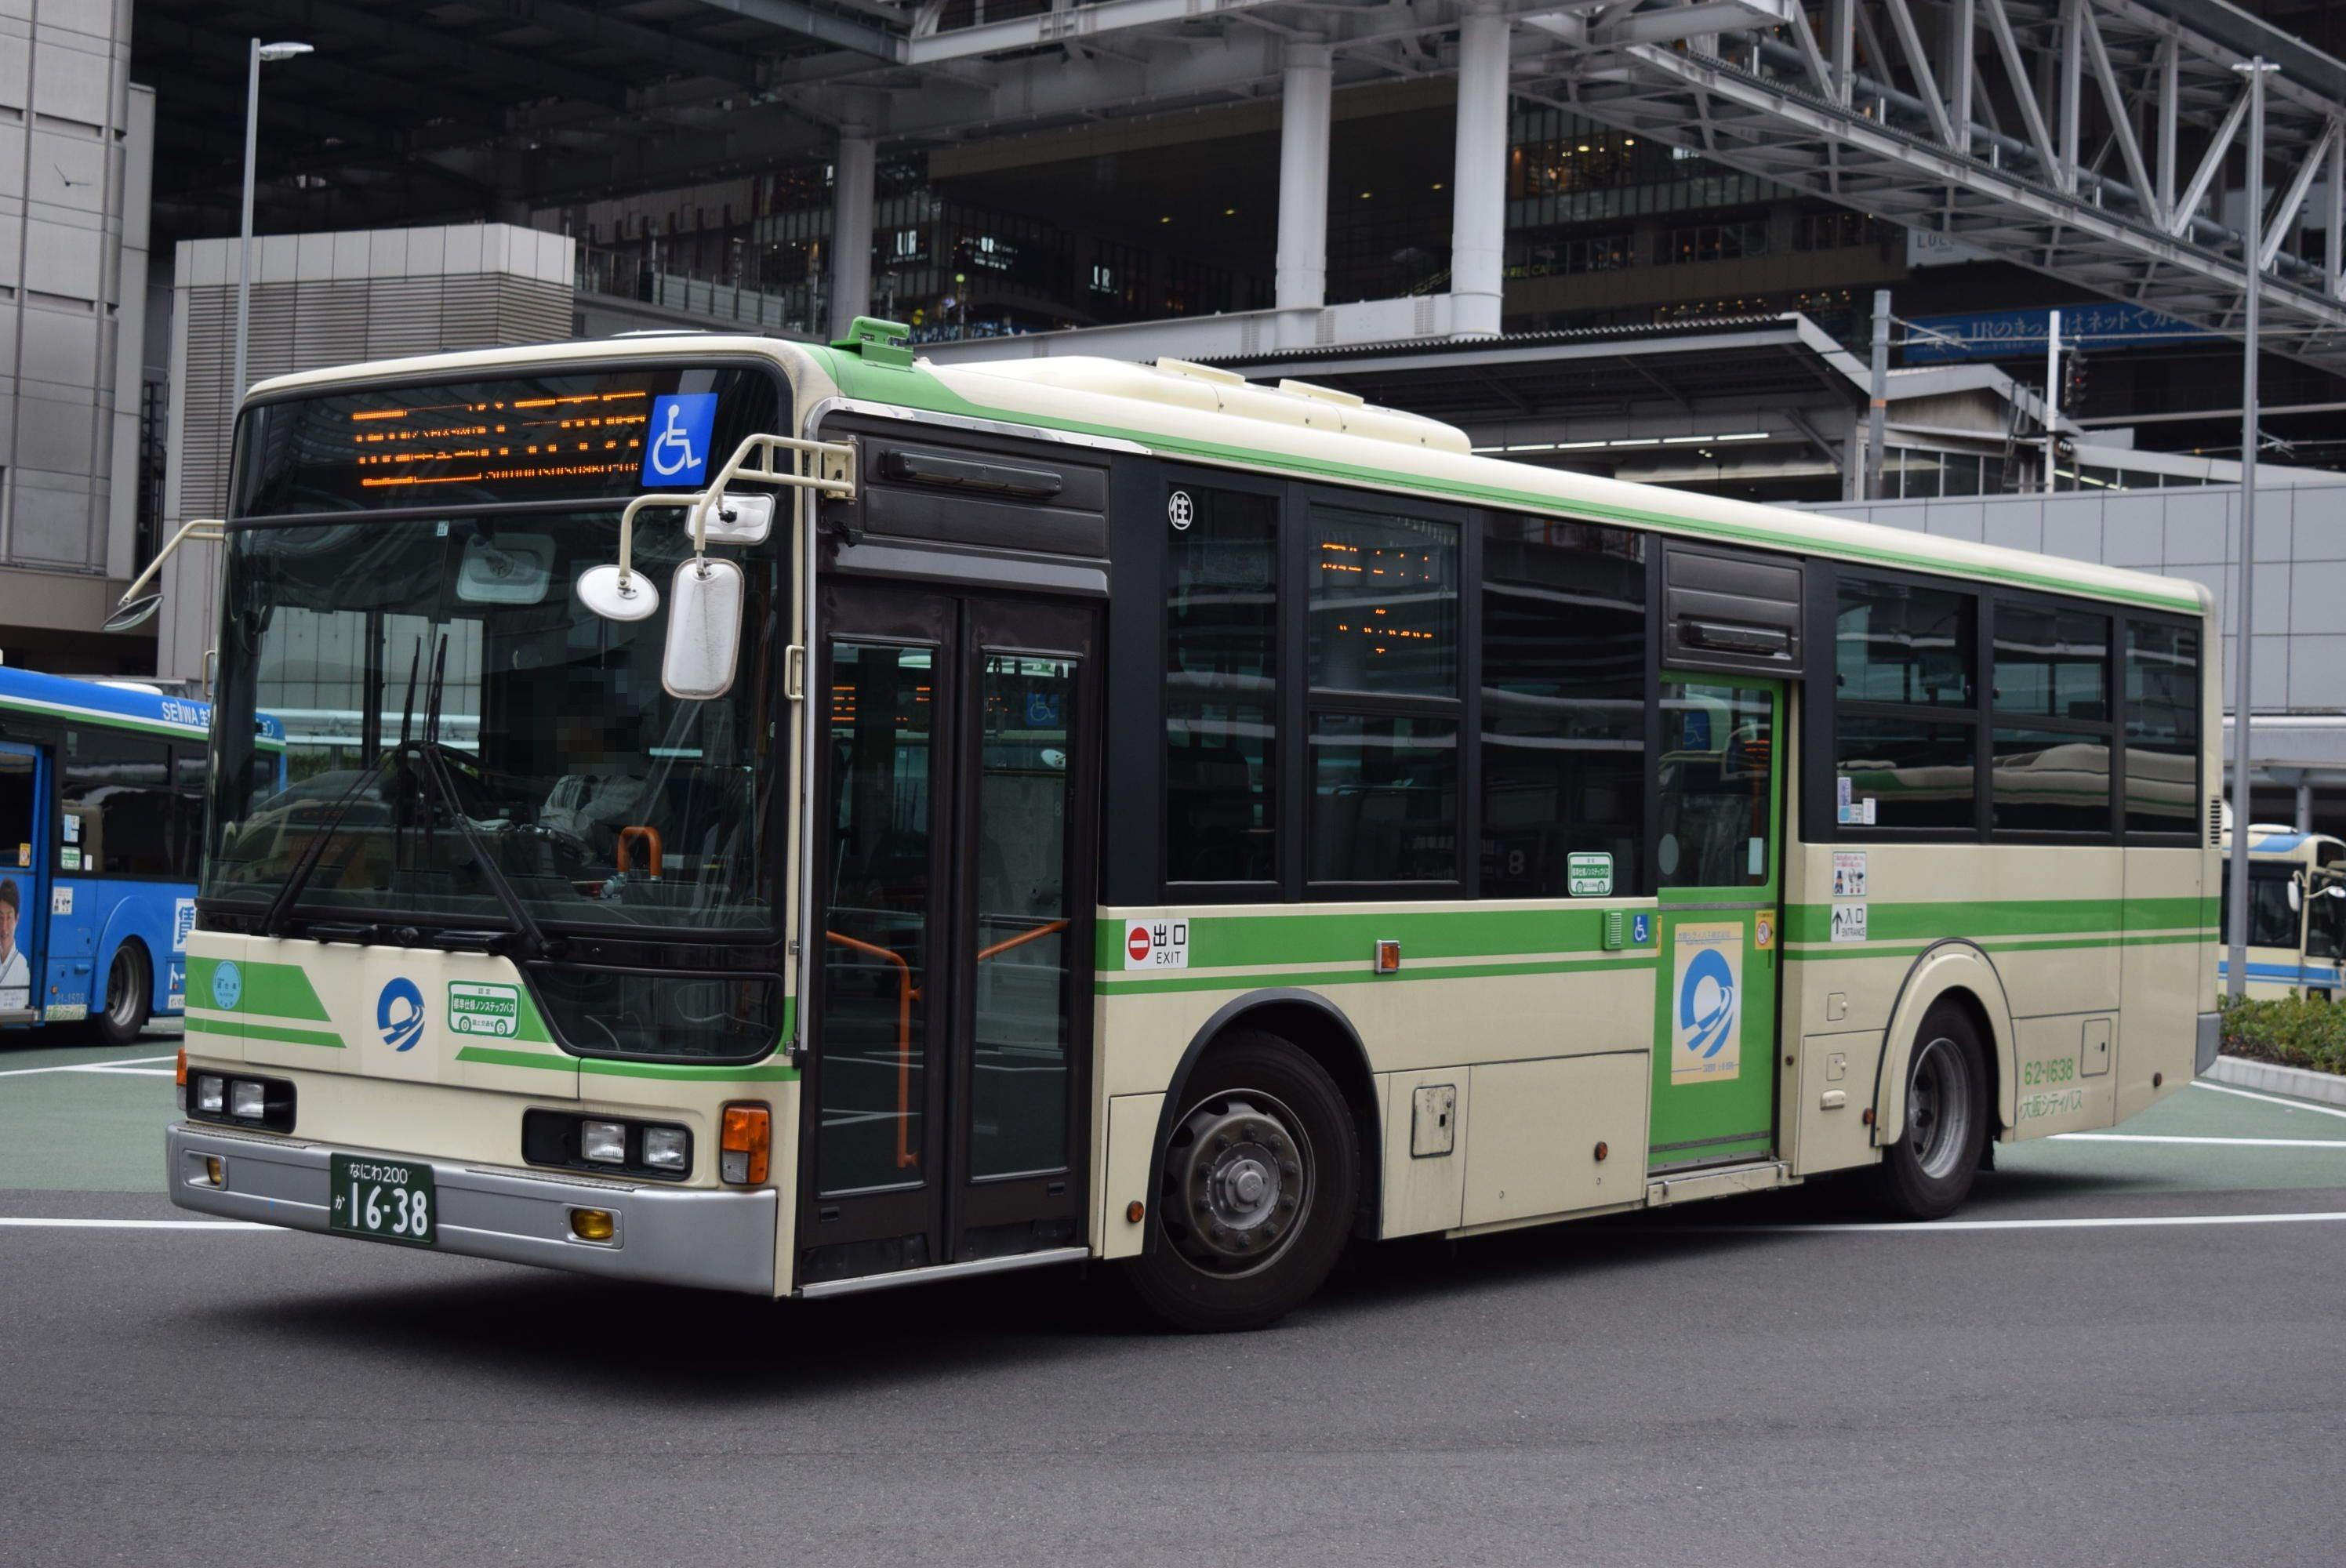 大阪シティバス 62-1638 | 気ま...